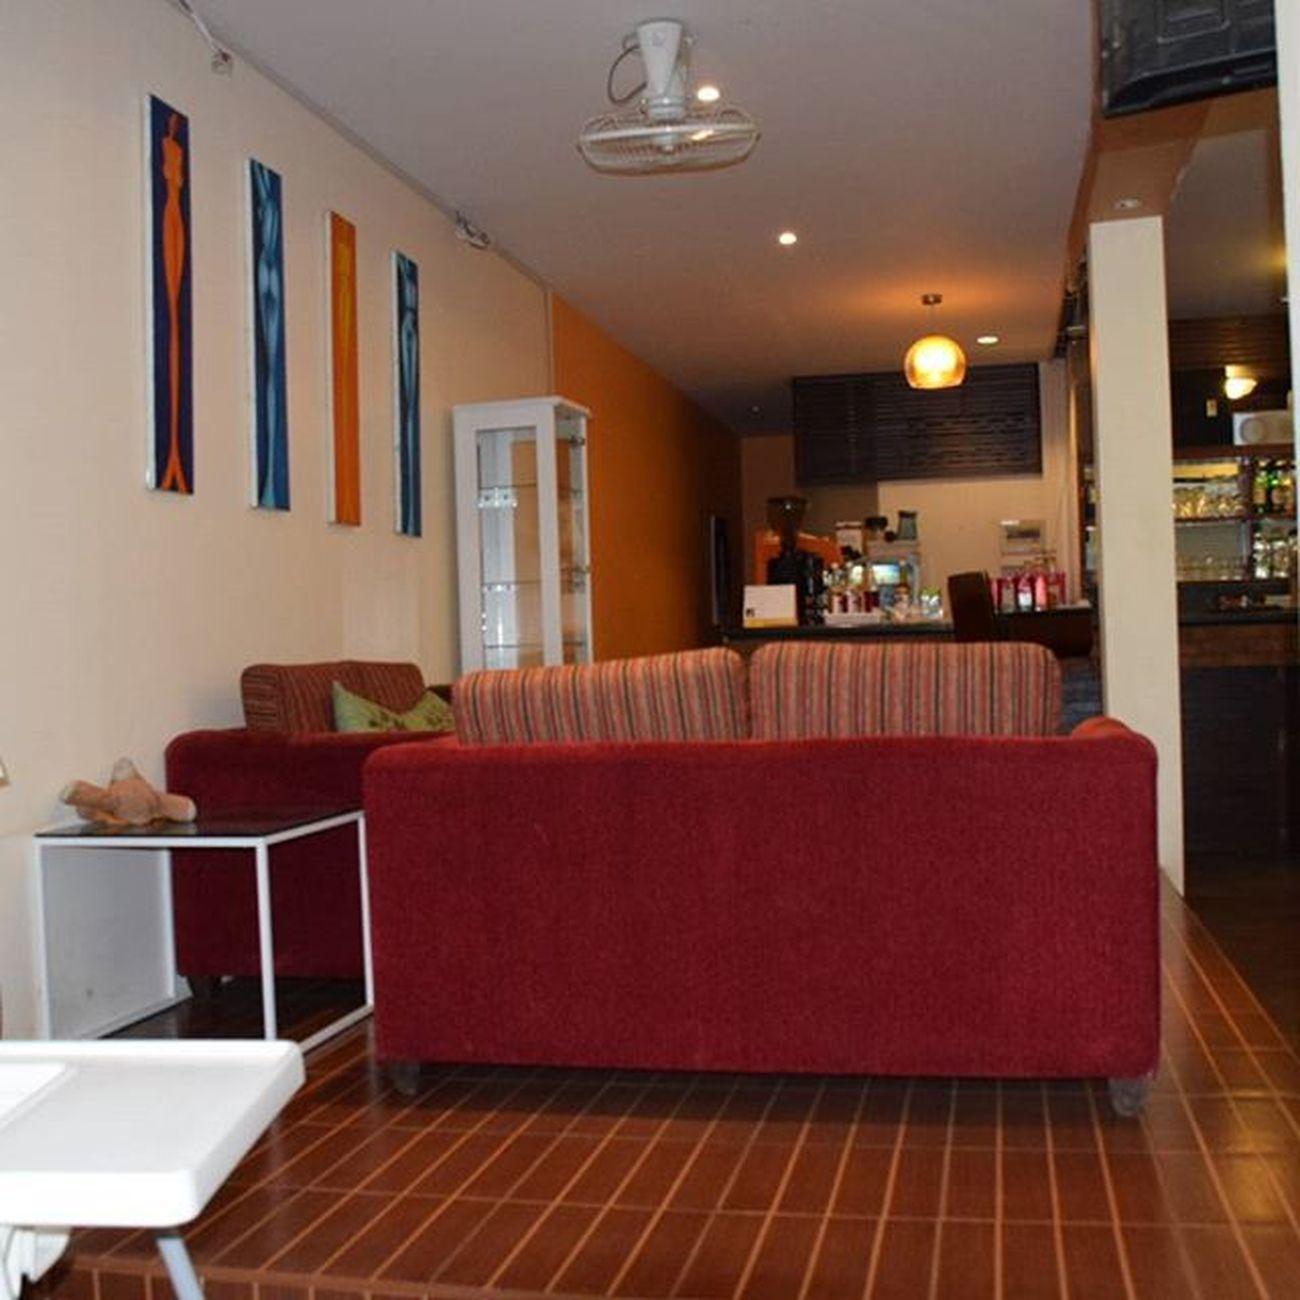 มุม sofa ของร้านครับ Huahinaerialteam MangoCoffee